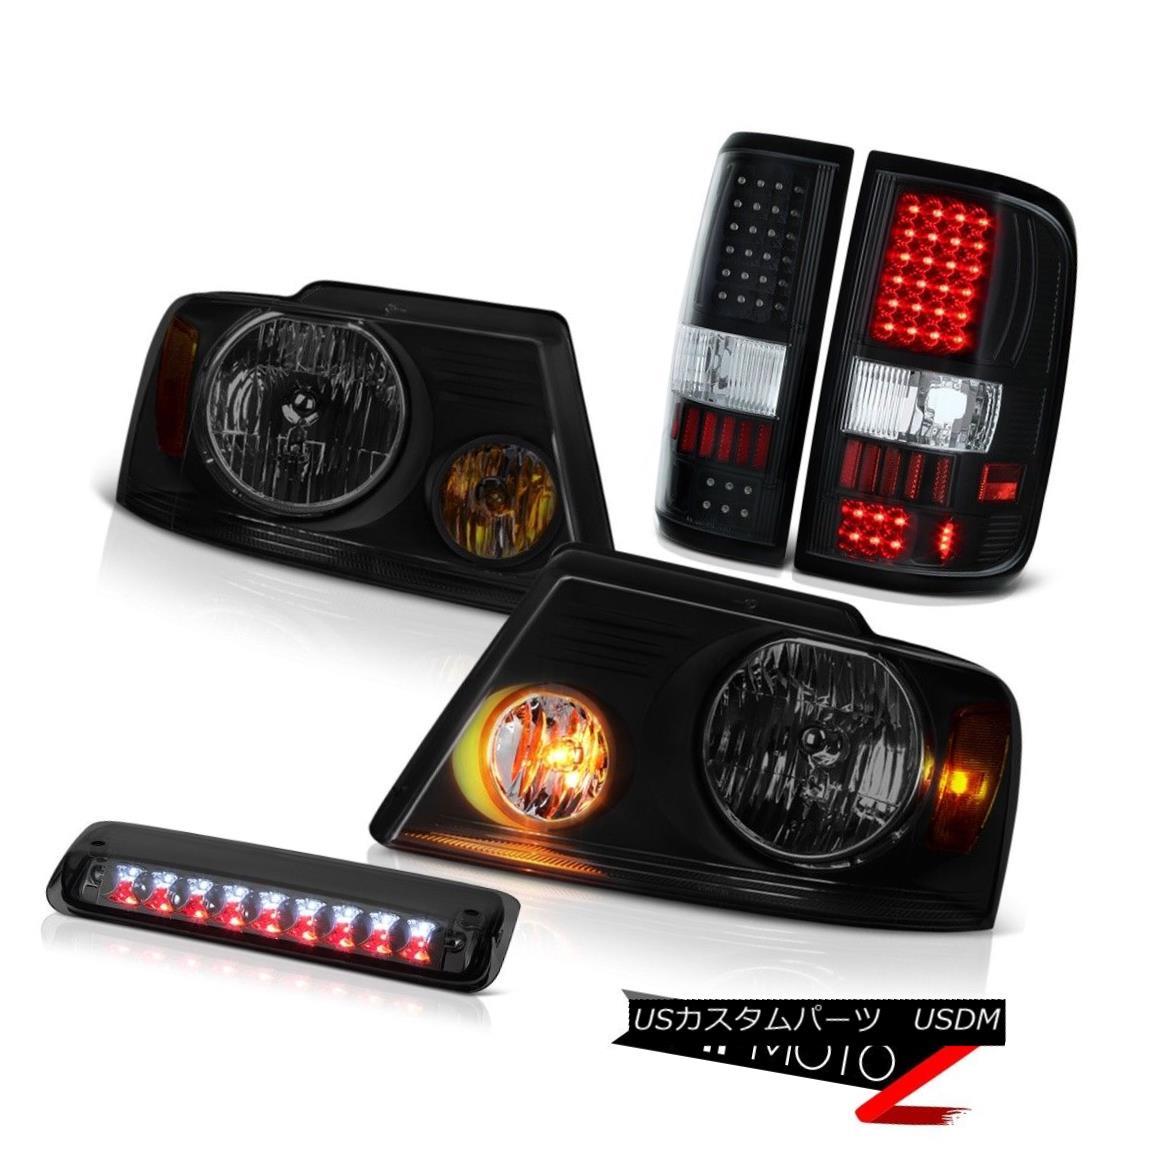 テールライト 04-08 Ford F150 Lariat Headlamps Smokey Roof Cab Lamp Taillights SMD